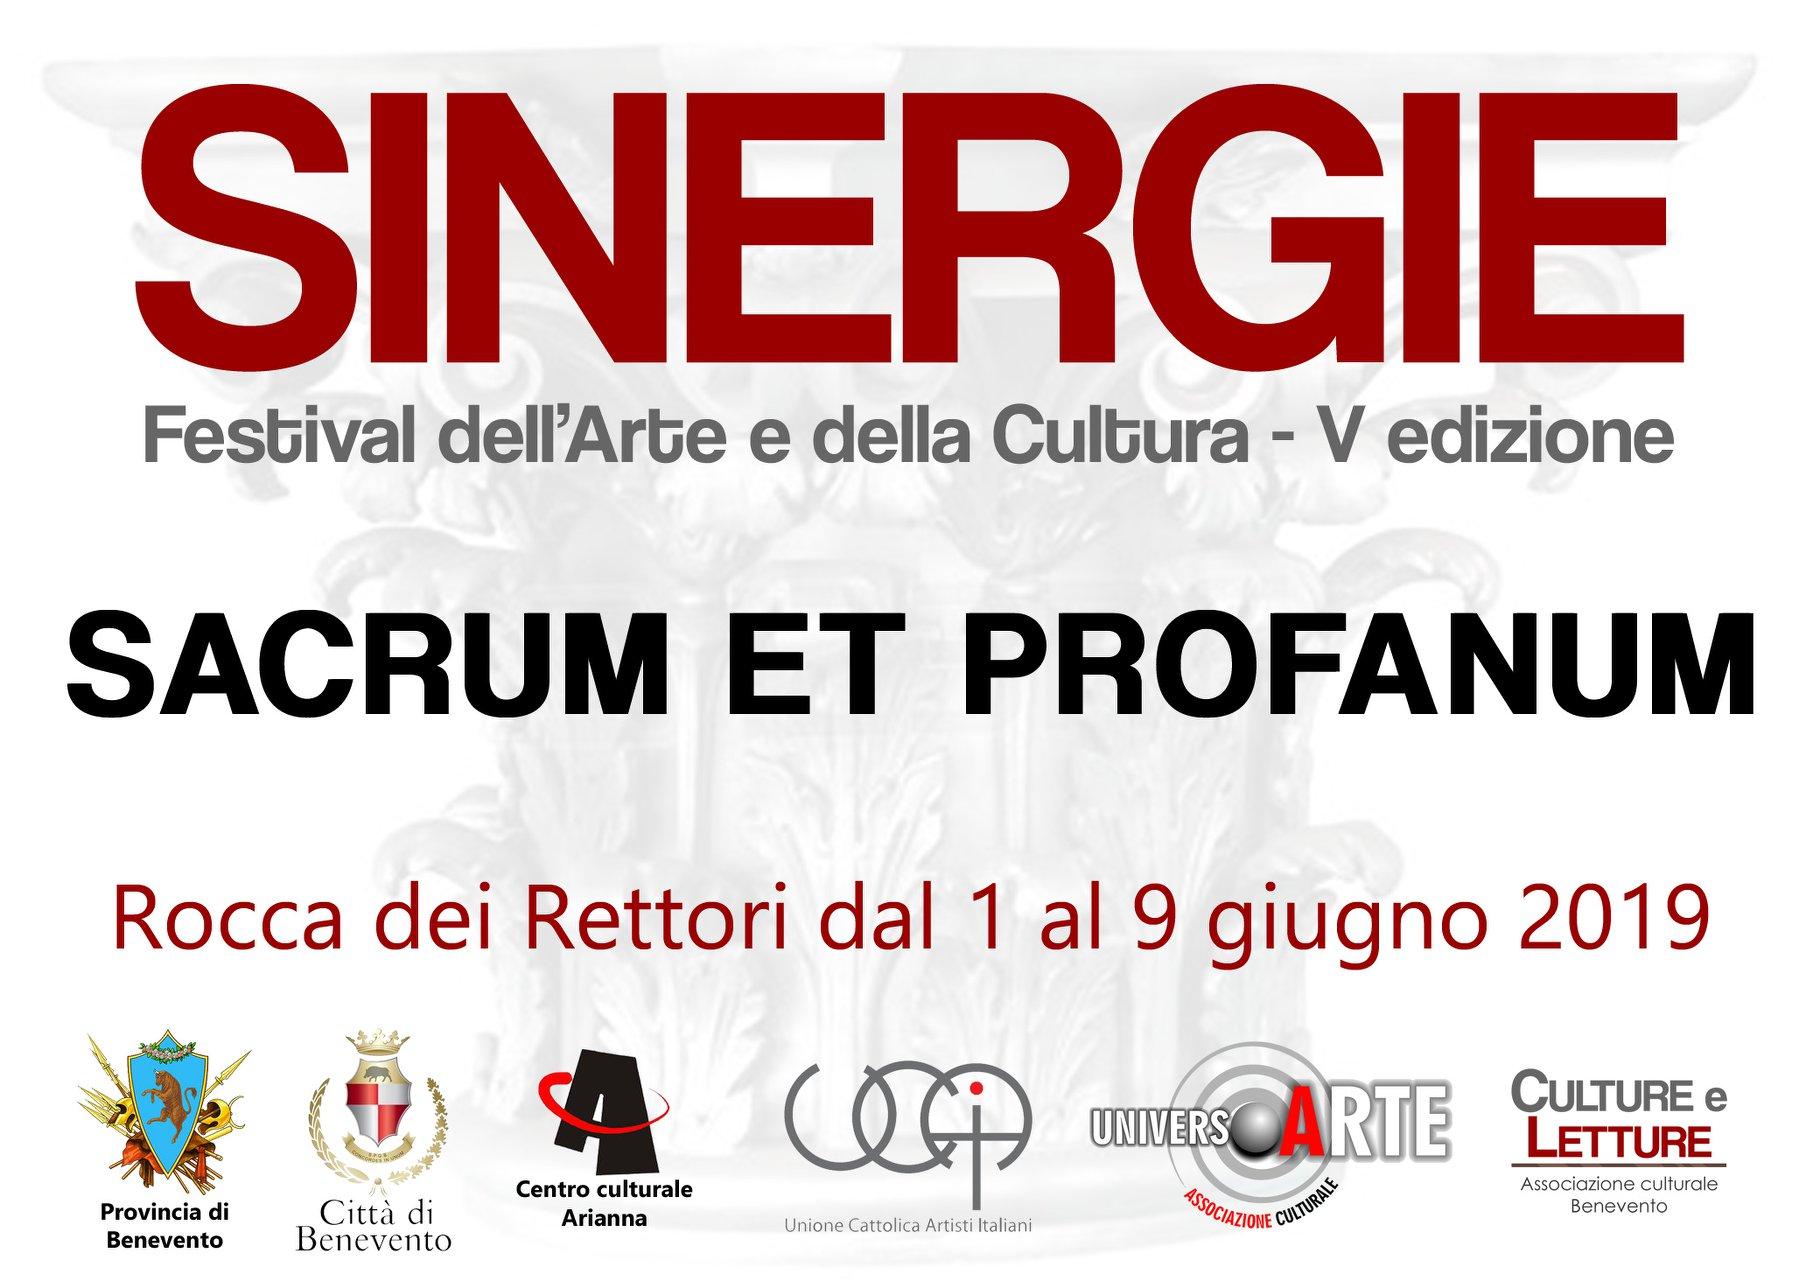 Da domani alla Rocca dei Rettori 'Sinergie', collettiva di arte contemporanea e non solo